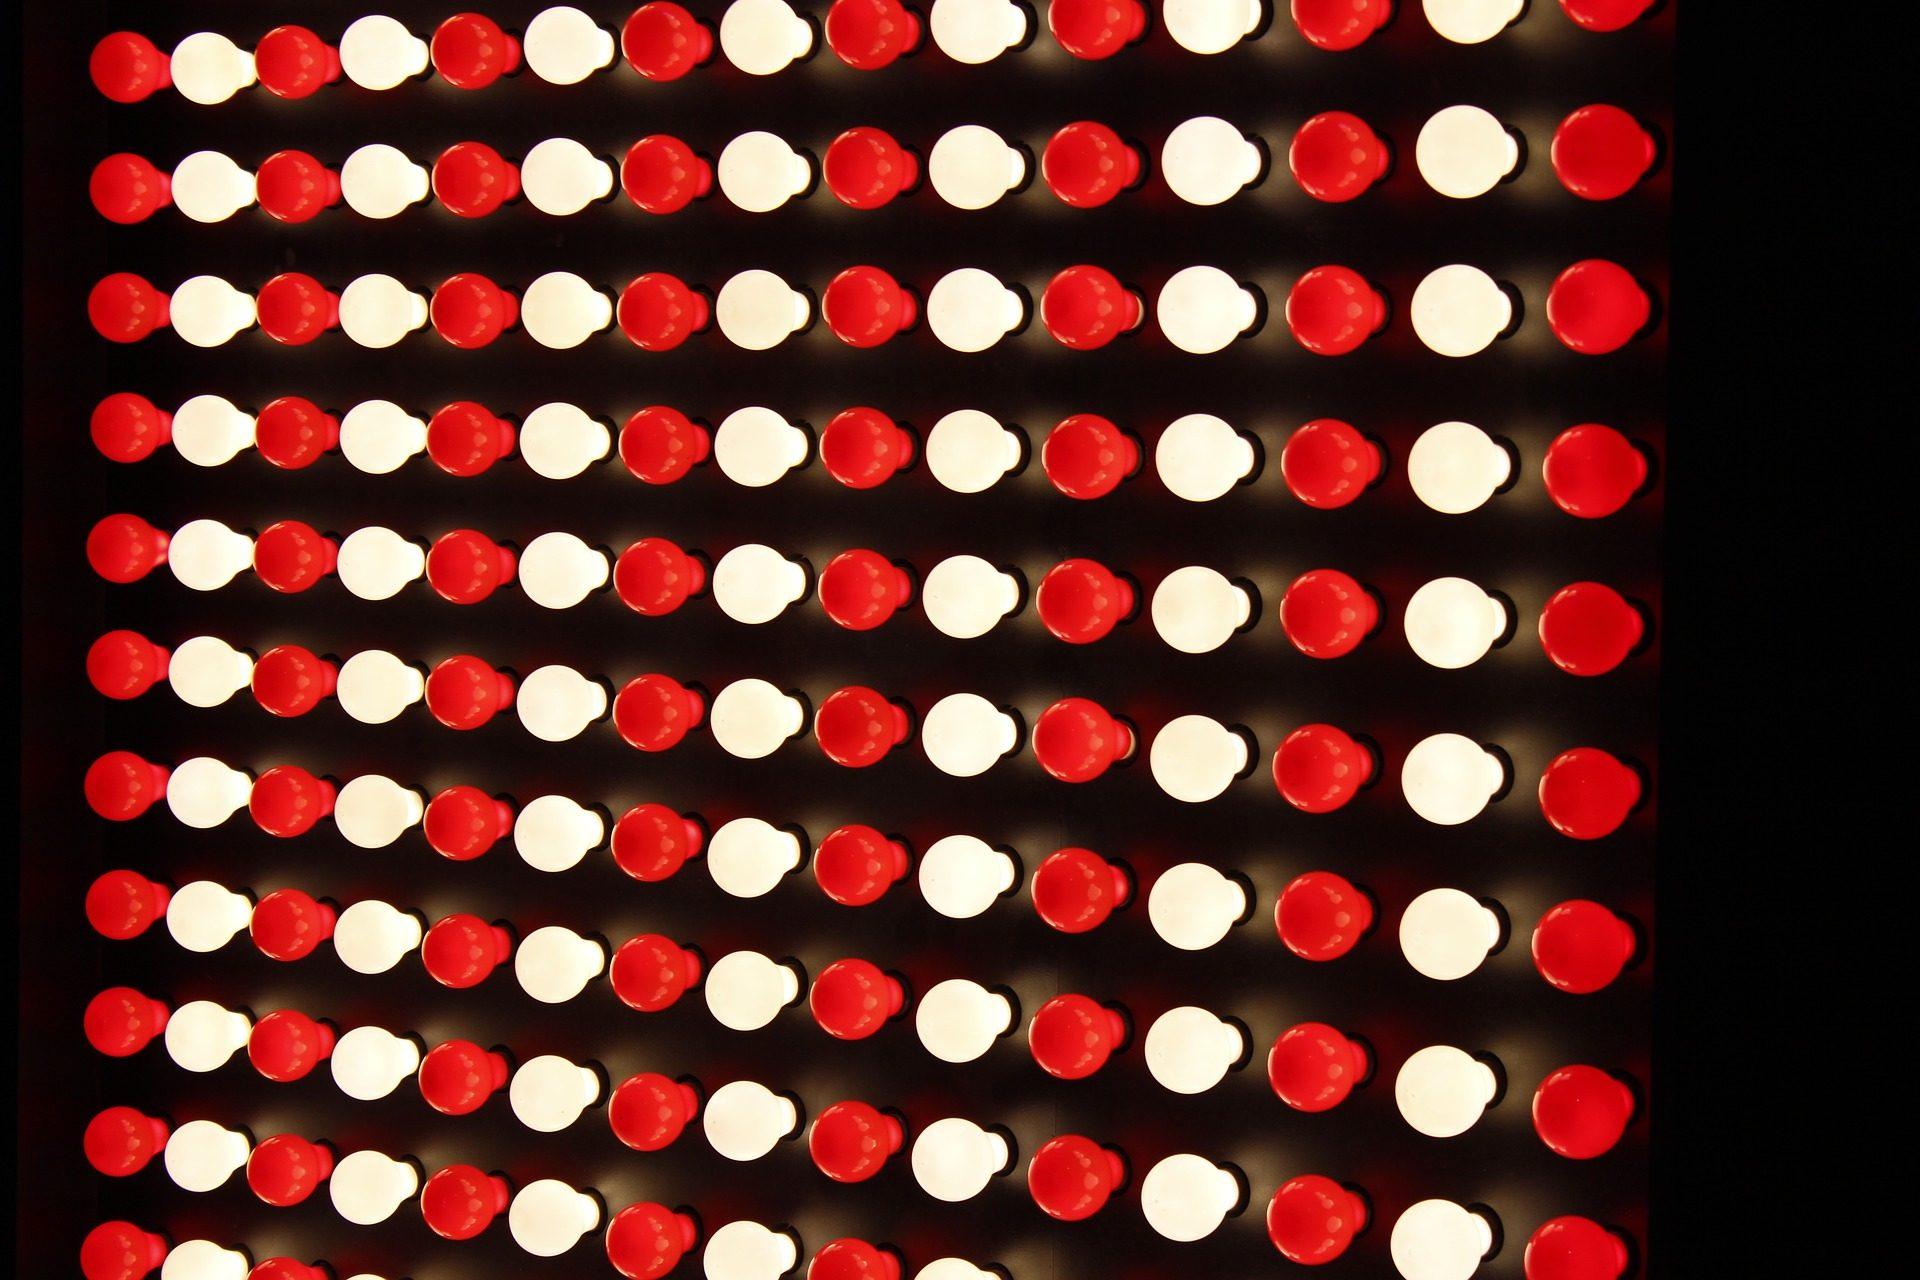 المصابيح الكهربائية, أضواء, الألوان, الإضاءة, التصميم, الكمية - خلفيات عالية الدقة - أستاذ falken.com